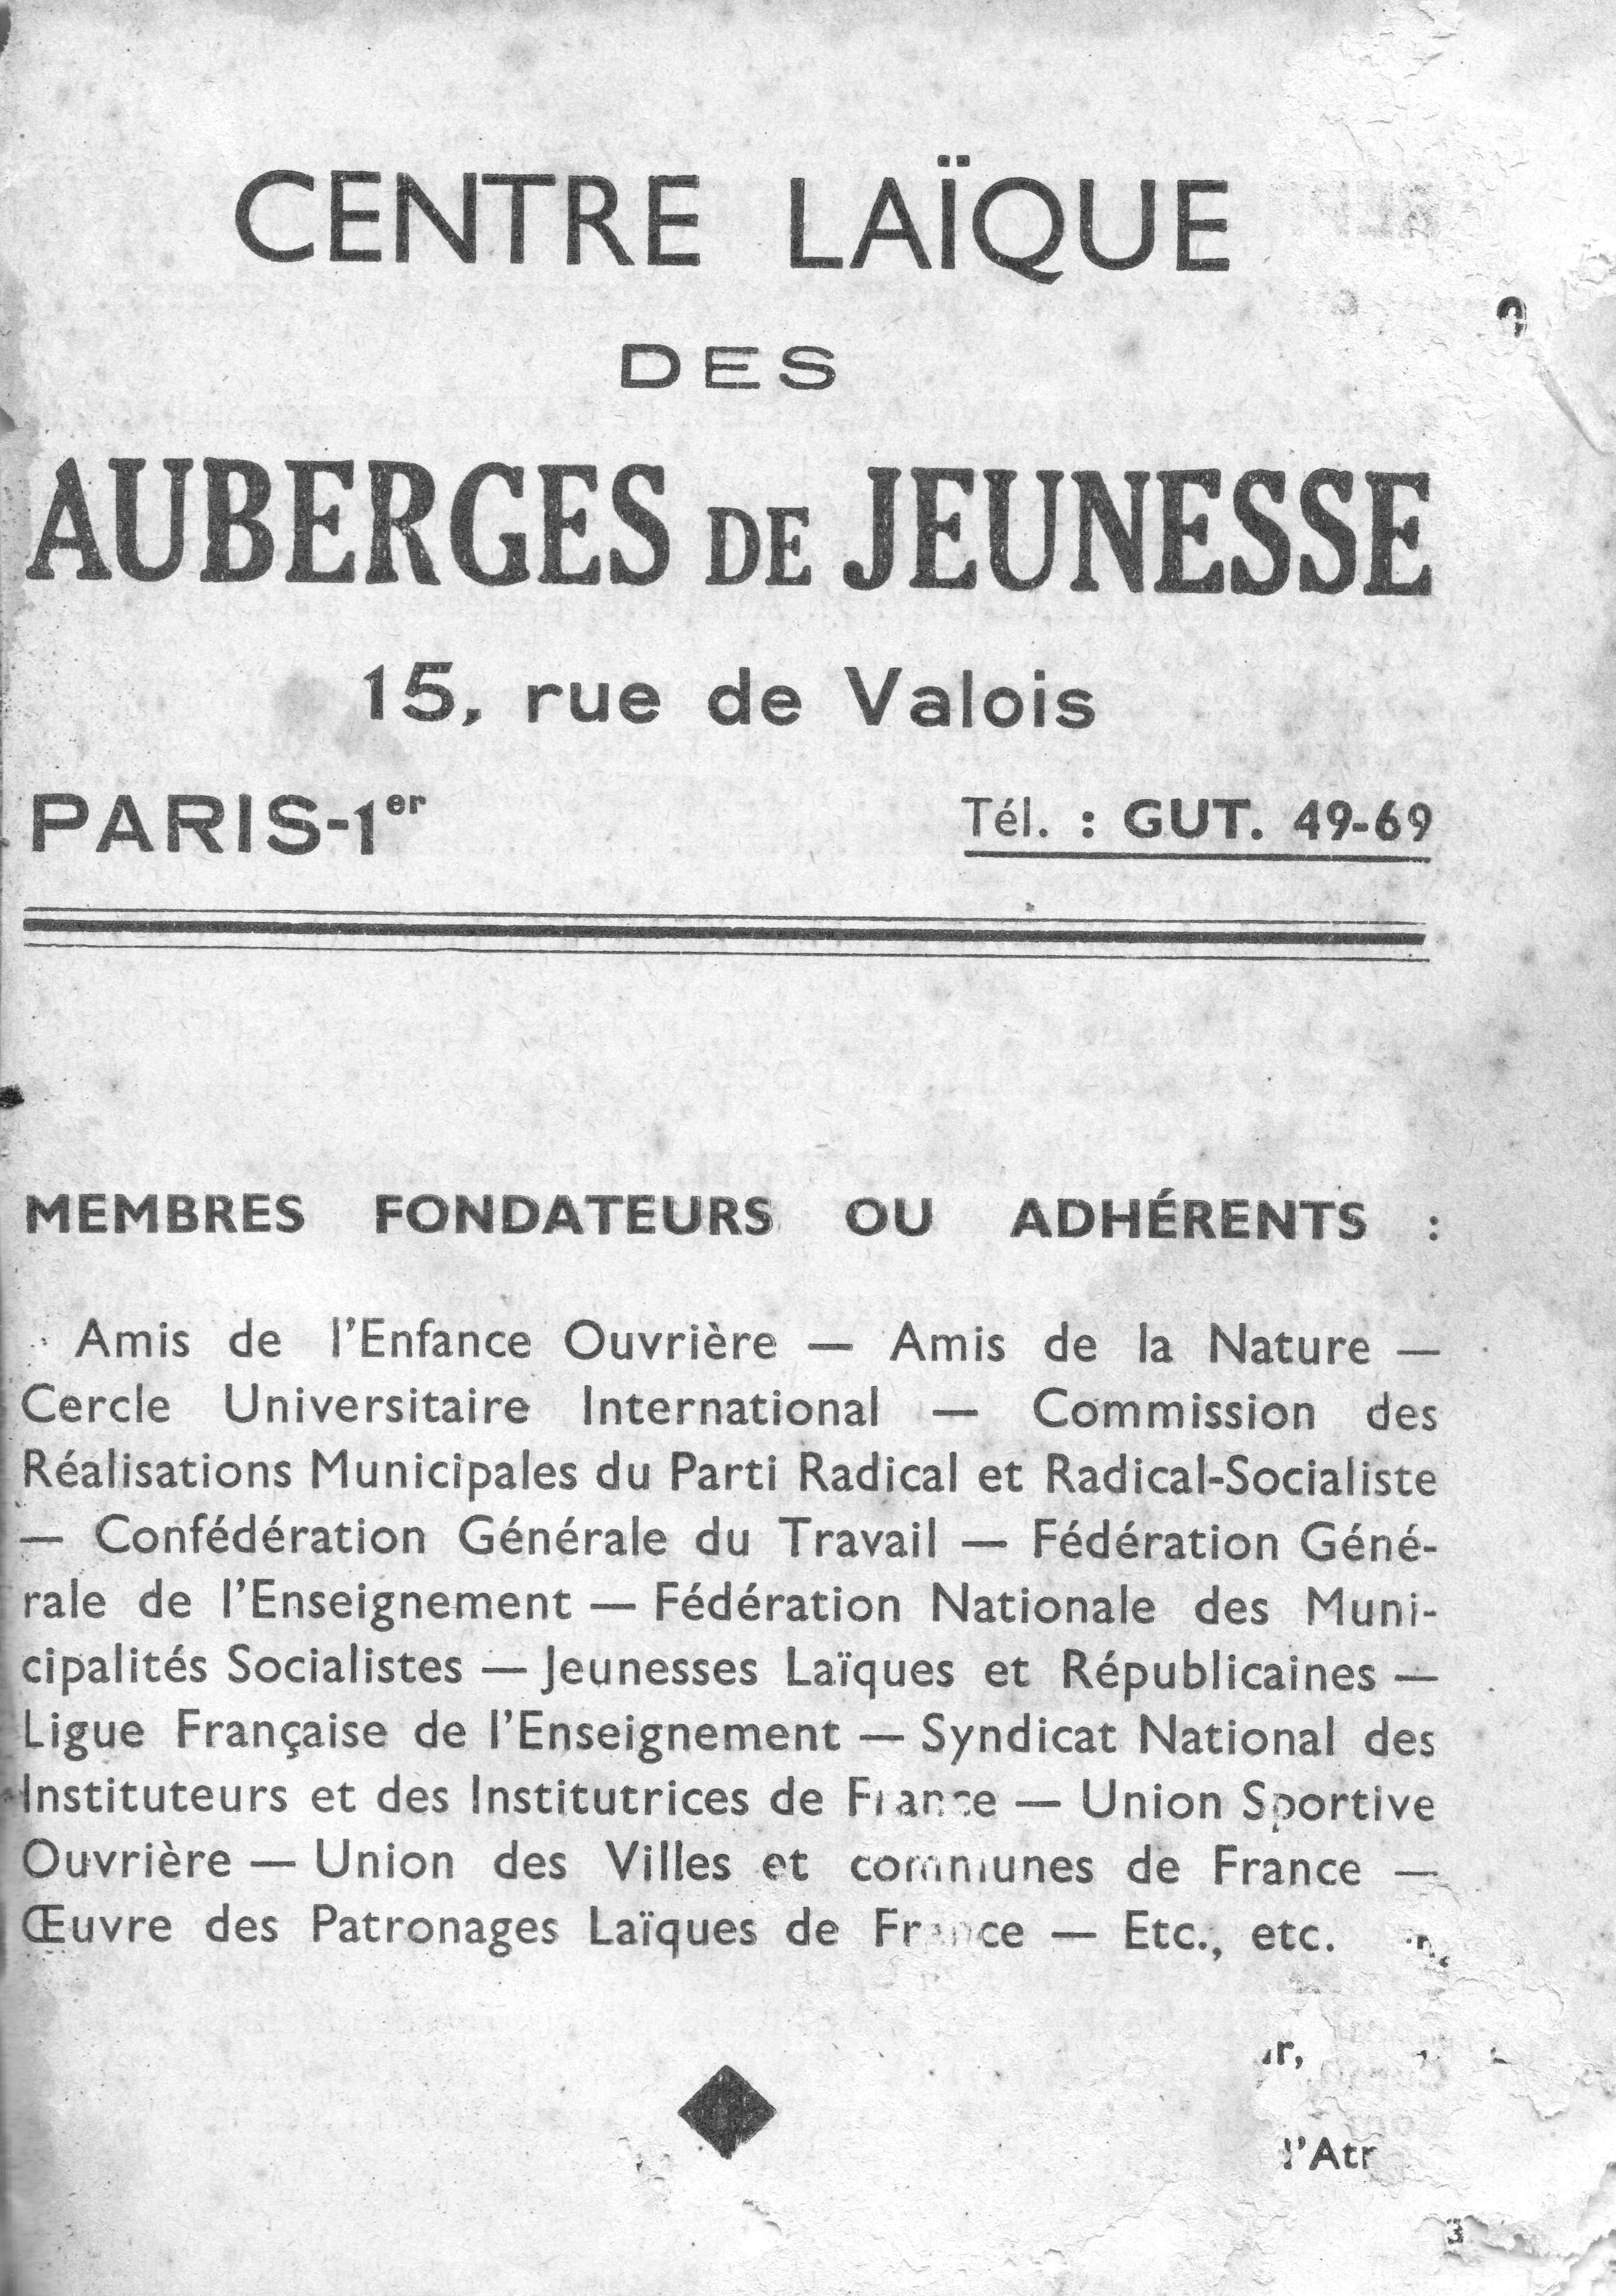 1937 (Guide des auberges de jeunesse) - 2